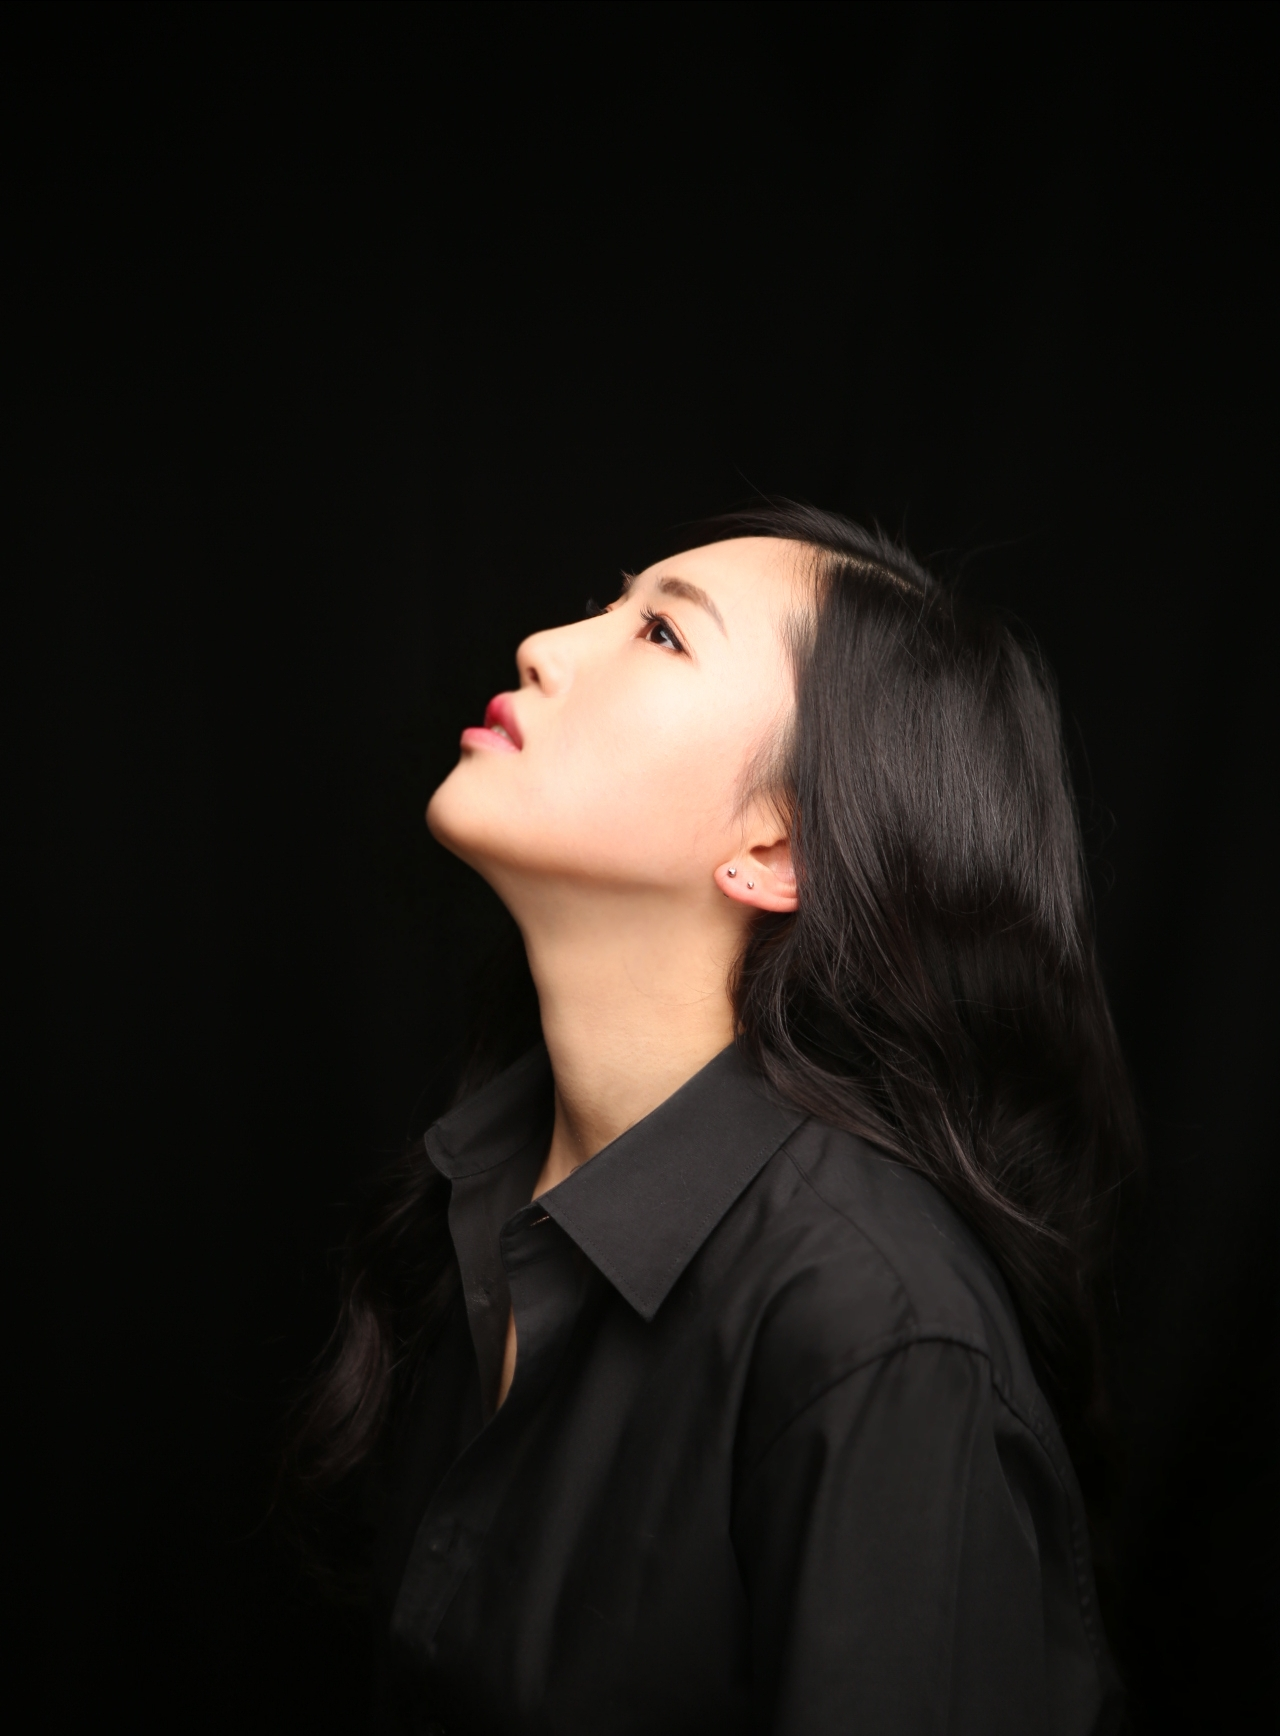 Yoonji kim